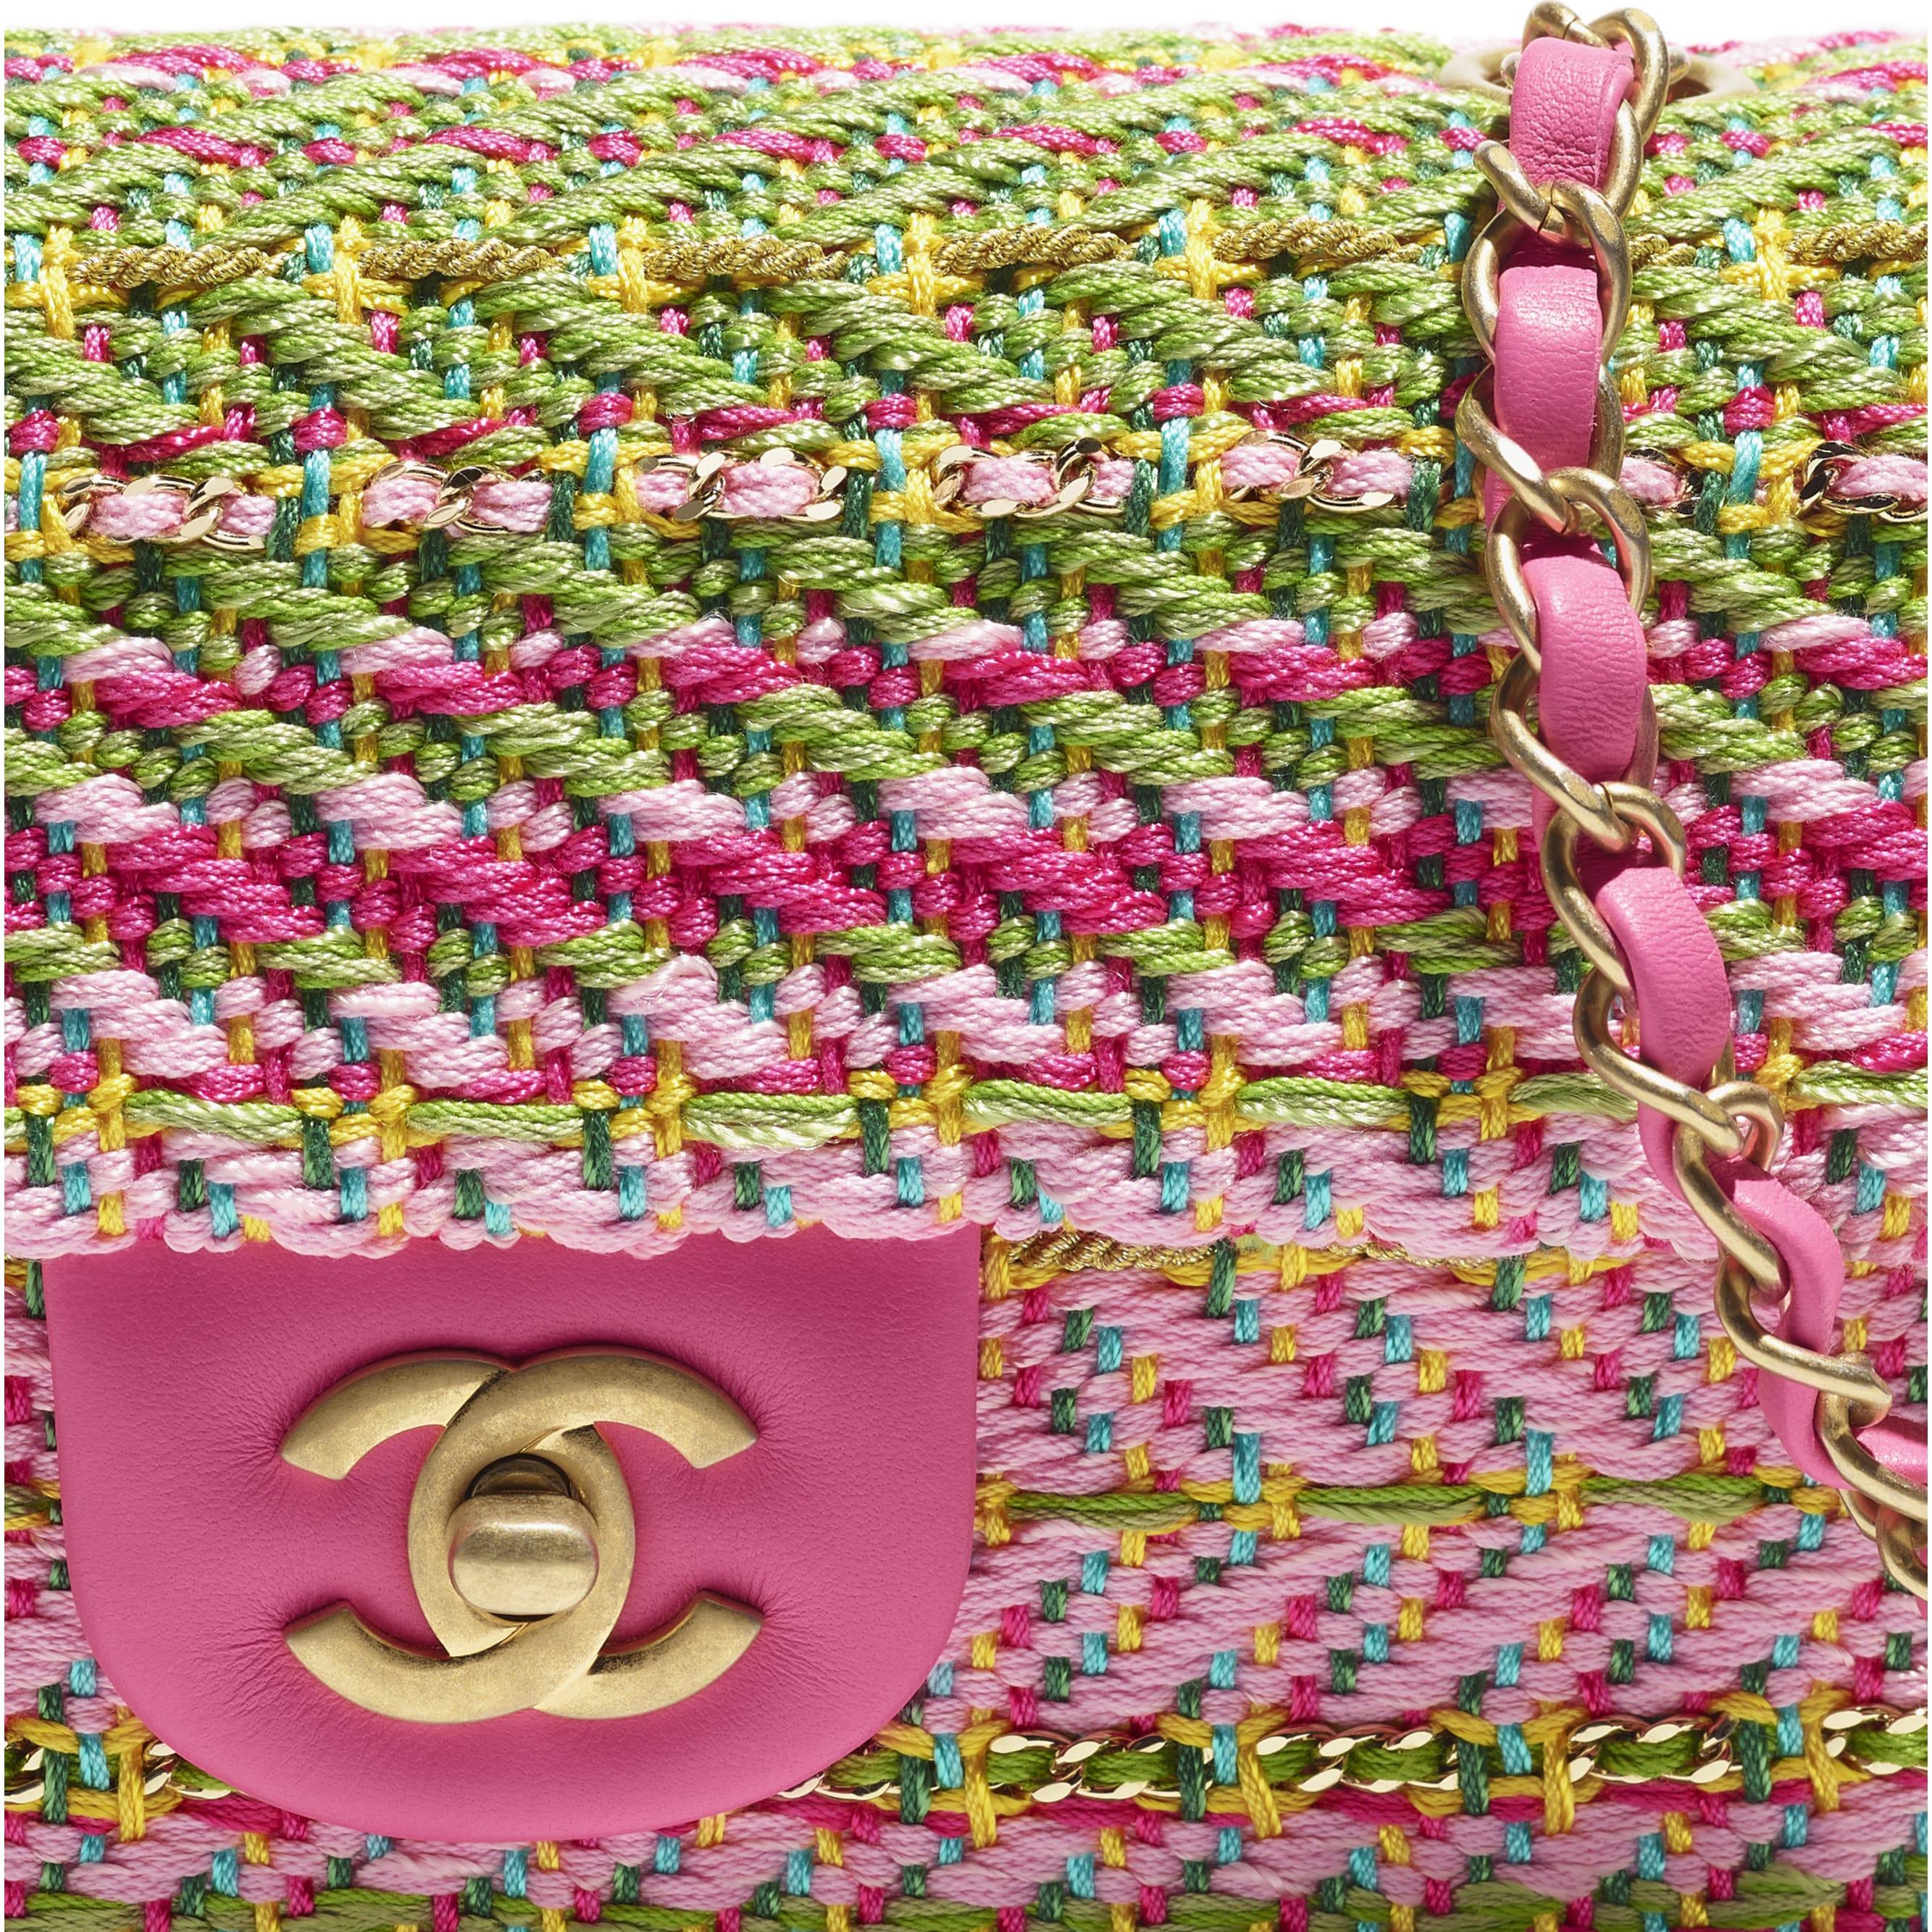 Bolsa Mini - Fúcsia, Rosa Claro, Verde, Turquesa & Amarelo - Algodão, Mix de Fibras & Metal Dourado - CHANEL - Vista extra - ver a versão em tamanho standard